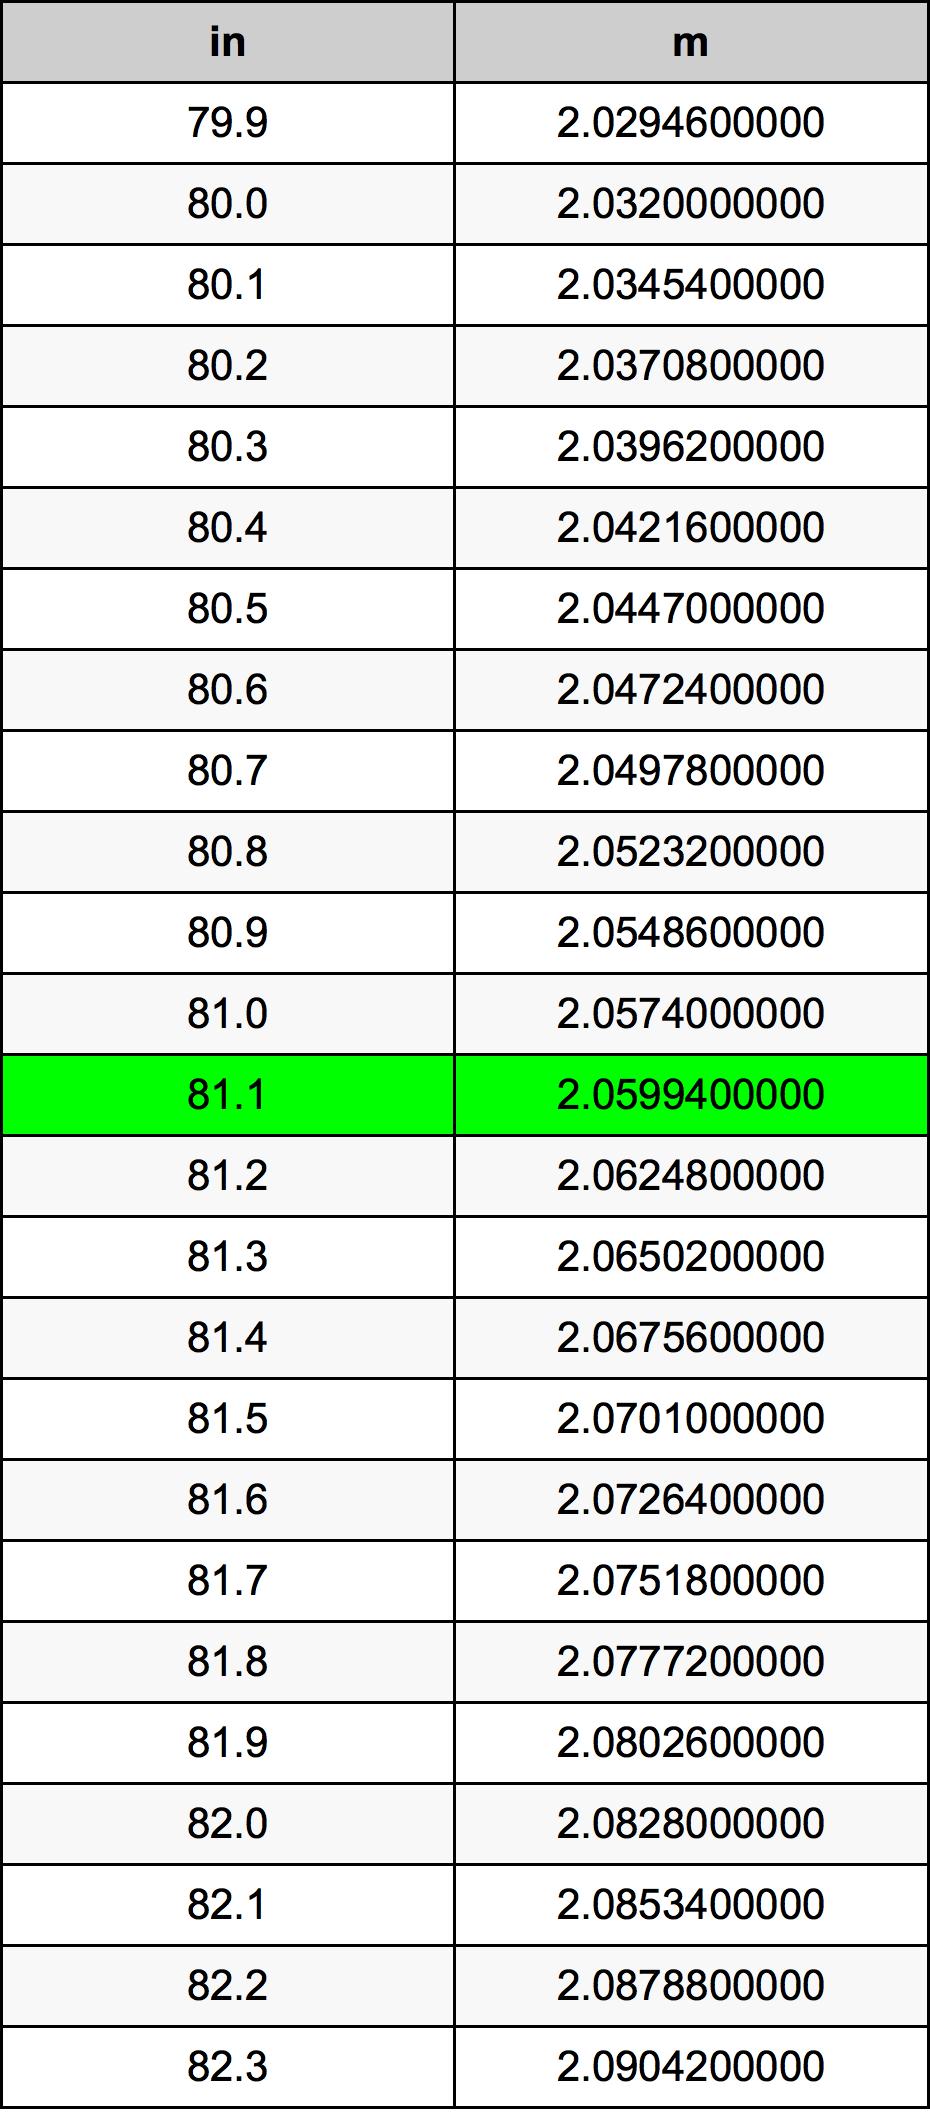 81.1 인치 변환 표